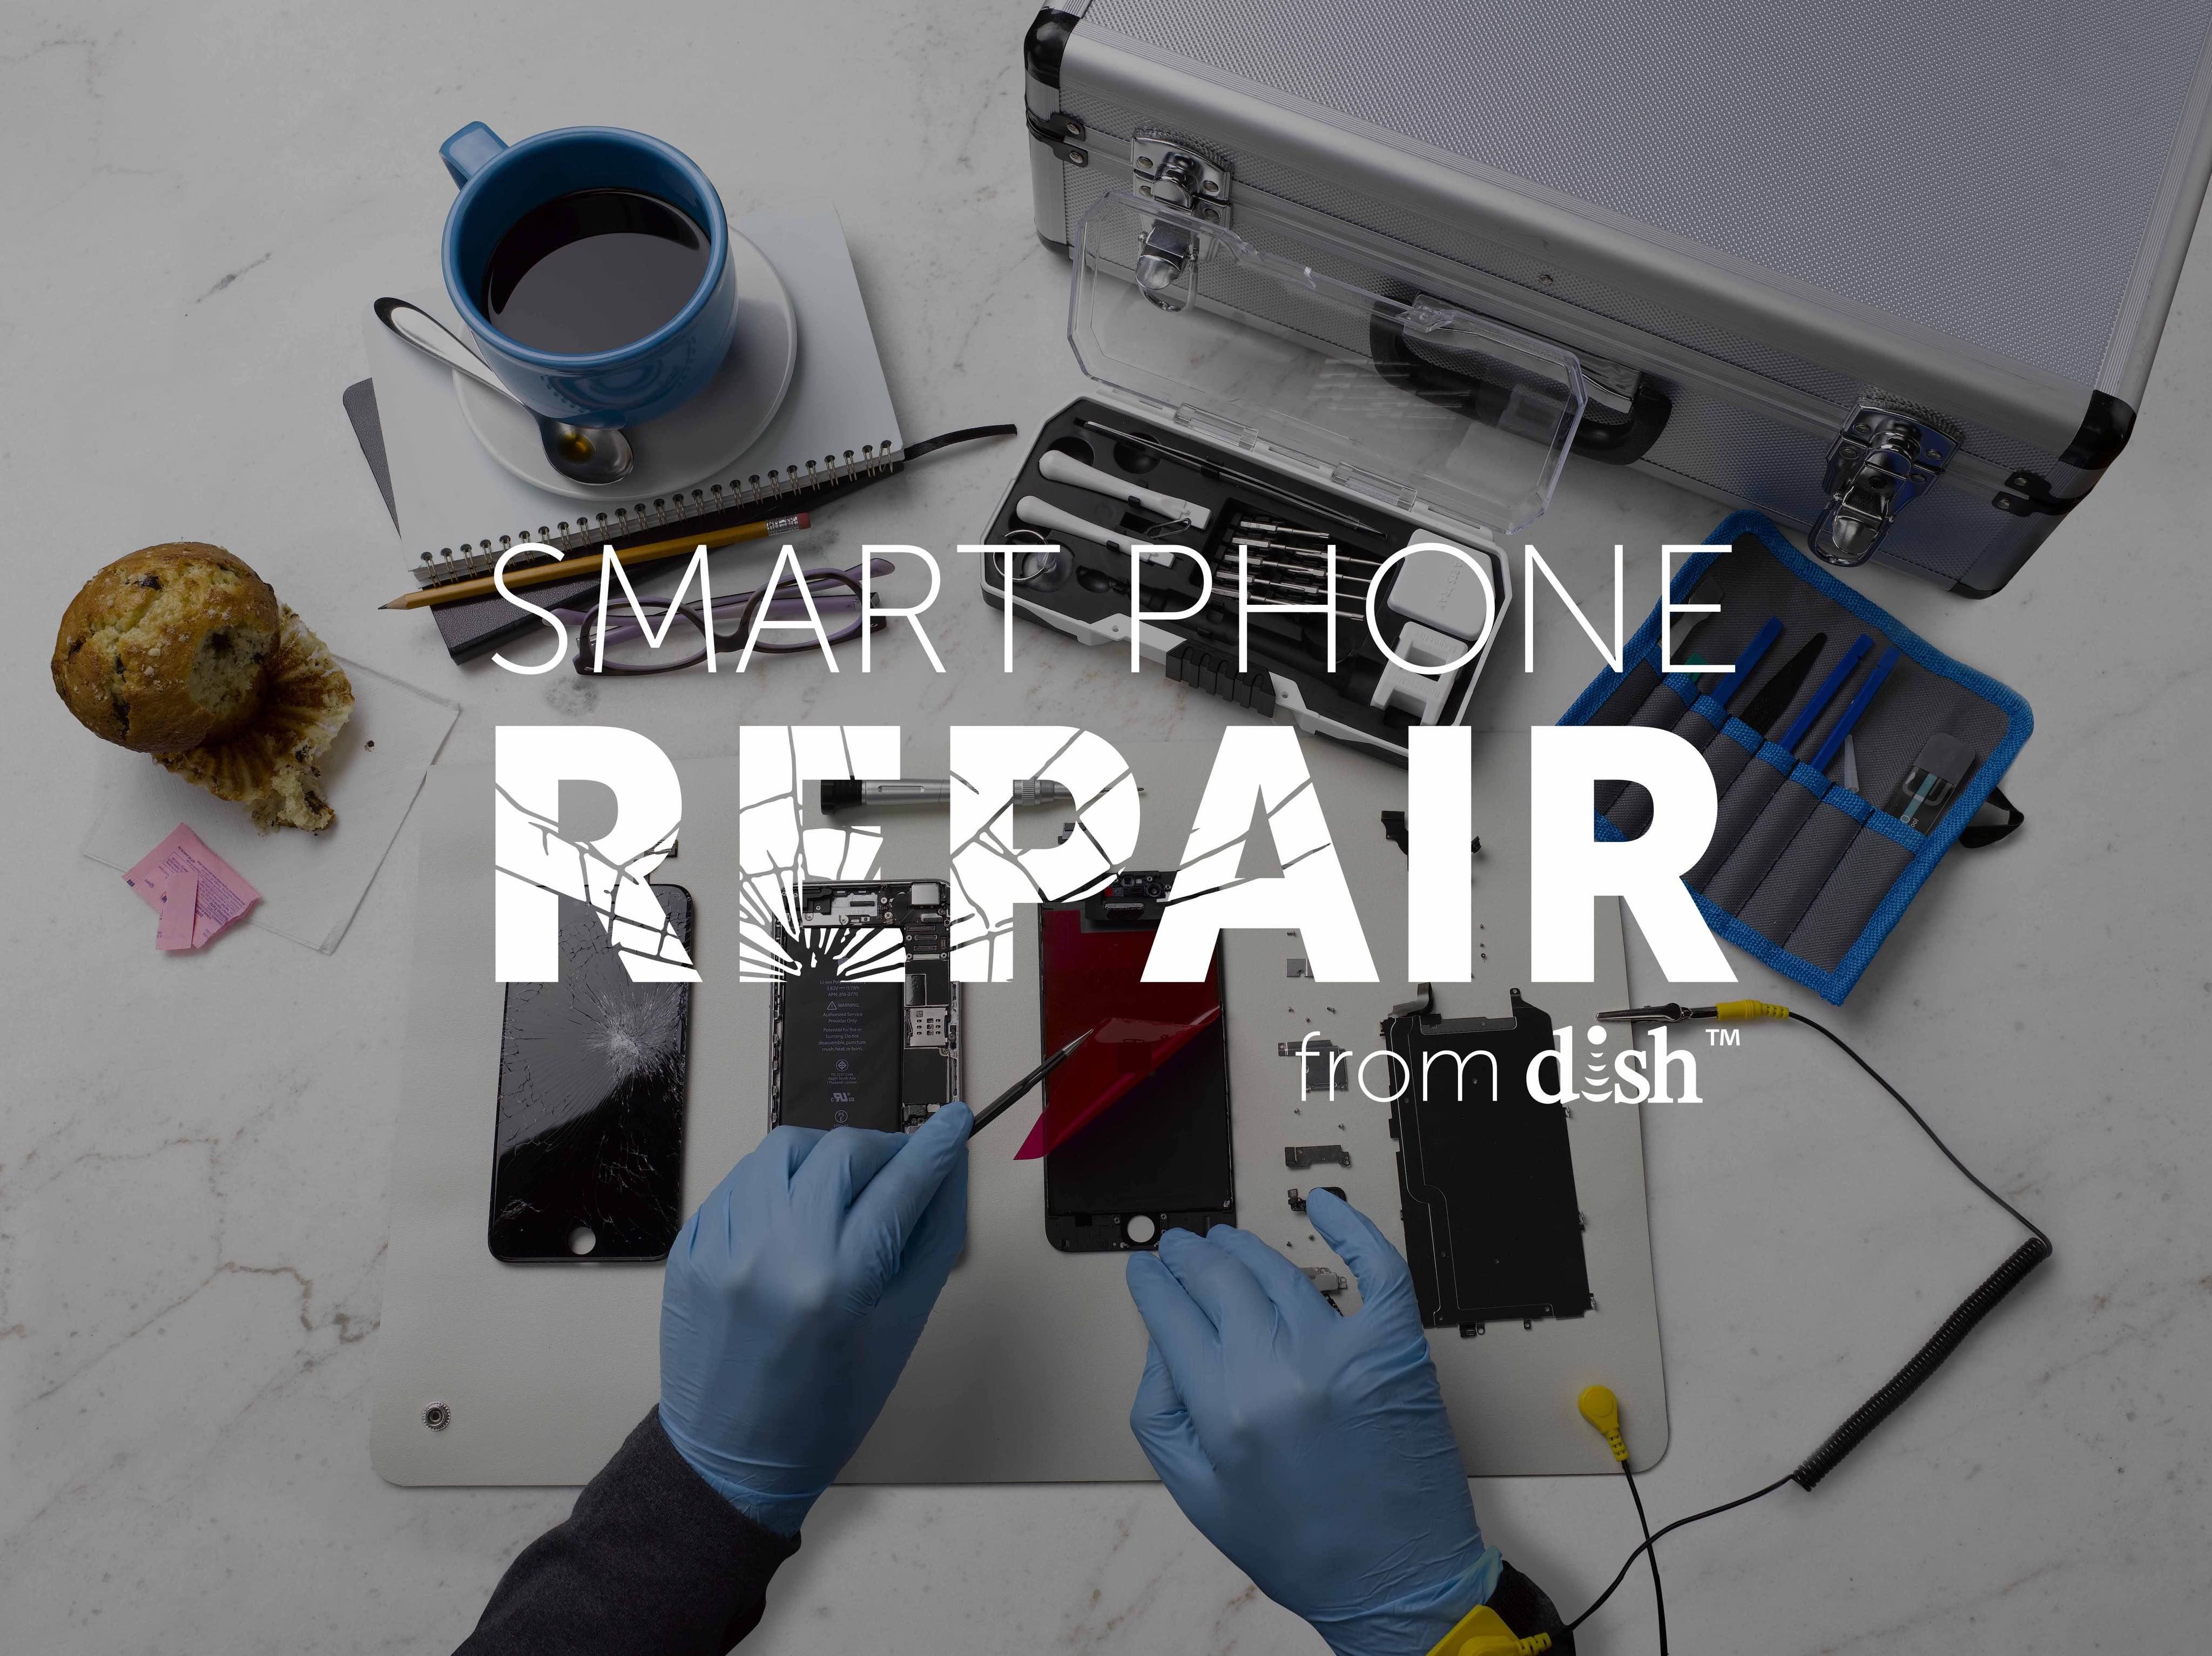 Dish smartphone repair image 002